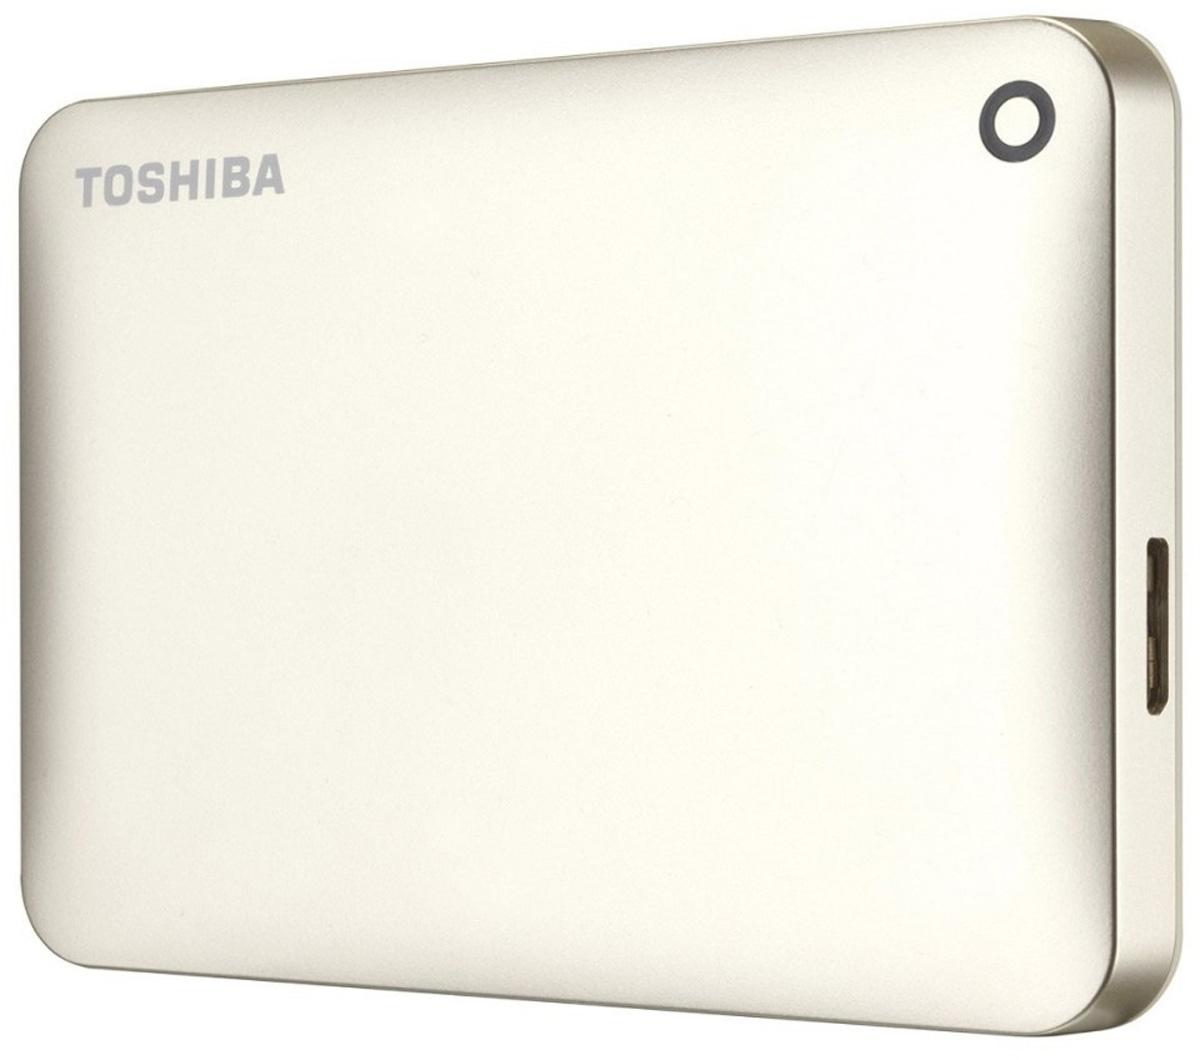 Toshiba Canvio Connect II 3TB, Gold внешний жесткий диск (HDTC830EC3CA)HDTC830EC3CAToshiba Canvio Connect II дает вам возможность быстро передавать файлы с интерфейсом USB 3.0 и хранить до 3 ТБ данных на внешнем жестком диске. Устройство полностью готово для работы с Microsoft Windows и не требует установки программного обеспечения, так что ничего не может быть удобнее для хранения всех ваших любимых файлов. В офисе или в дороге его классический дизайн будет всегда уместен. Более того, Toshiba Canvio Connect II позволяет подключаться также и к оборудованию с совместимостью USB 2.0. Этот внешний накопитель обеспечивает доступ к вашим файлам практически из любого места и с любого устройства. Toshiba Canvio Connect II может легко превратить ваш компьютер в облачный сервер благодаря предустановленному ПО для удаленного доступа (накопитель должен быть подключен к компьютеру и Wi-Fi). Помимо удаленного доступа это устройство предоставляет своему владельцу 10 ГБ дополнительного места в облачном сервисе. Программное обеспечение NTI Backup Now EZ обеспечивает...